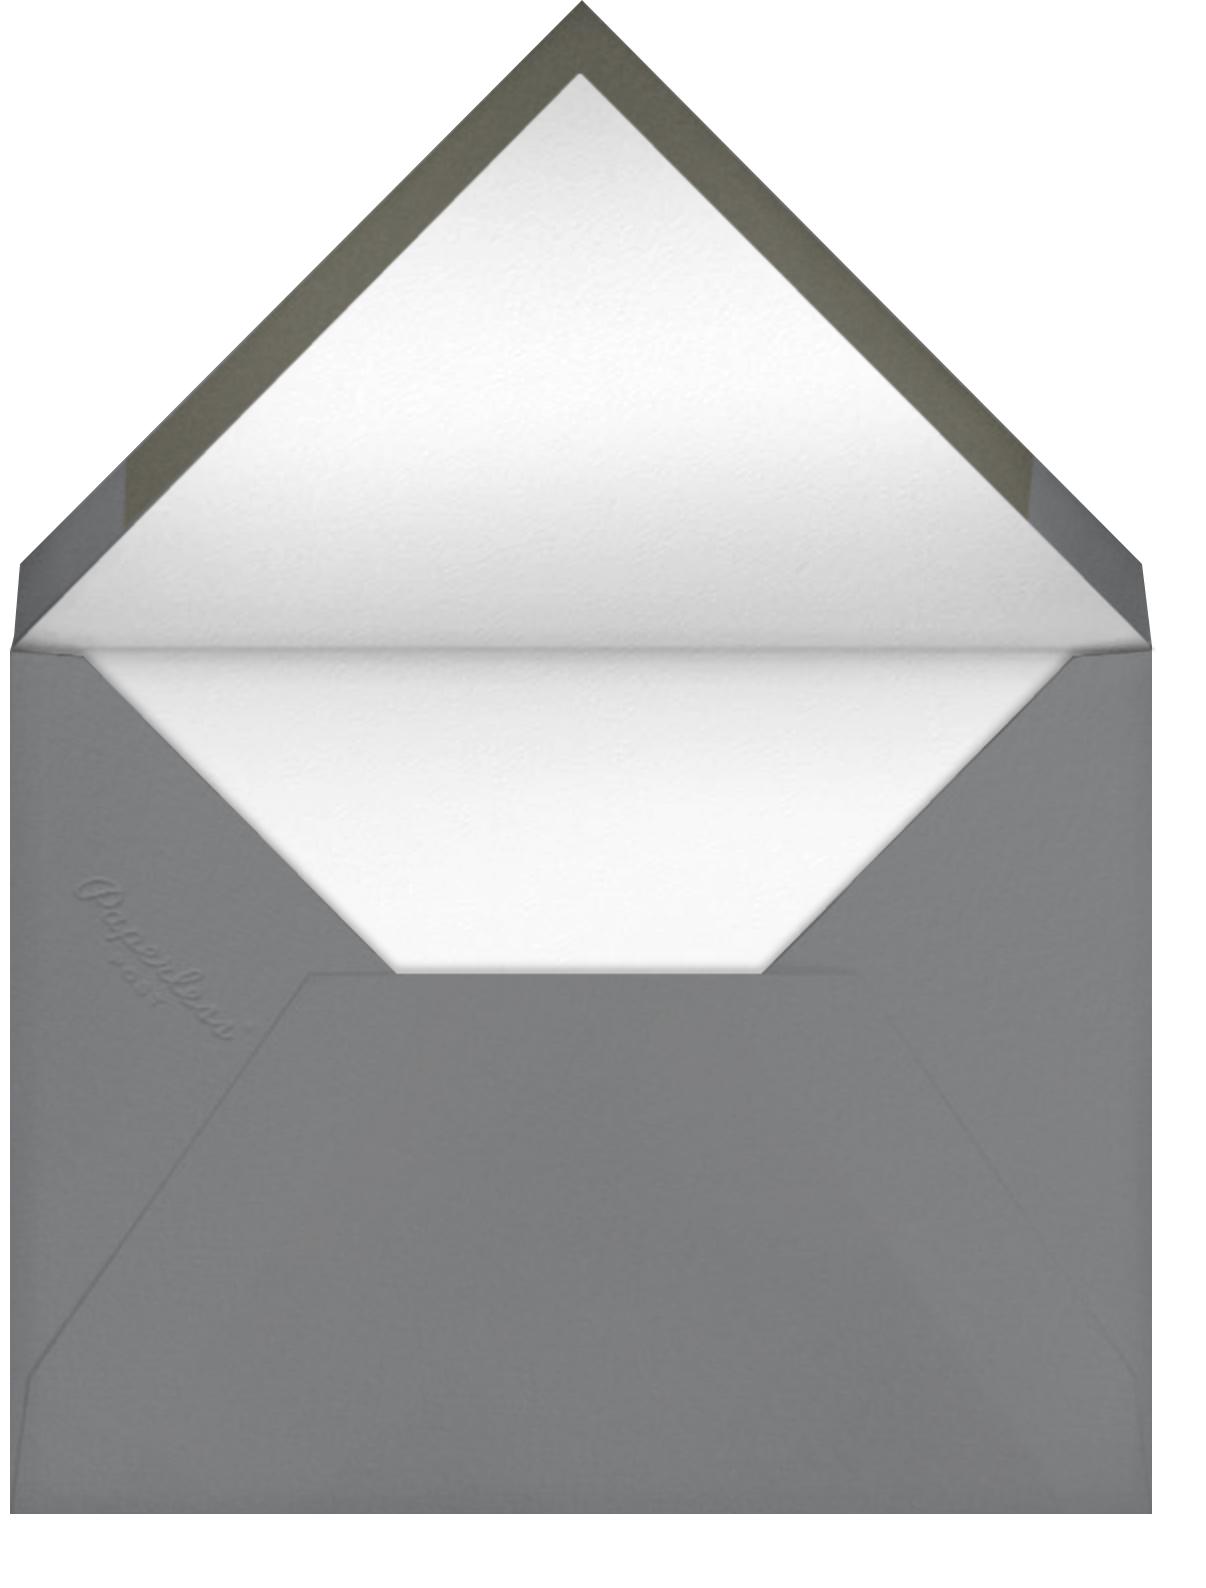 Rivercane - Sherbert - Paperless Post - Envelope